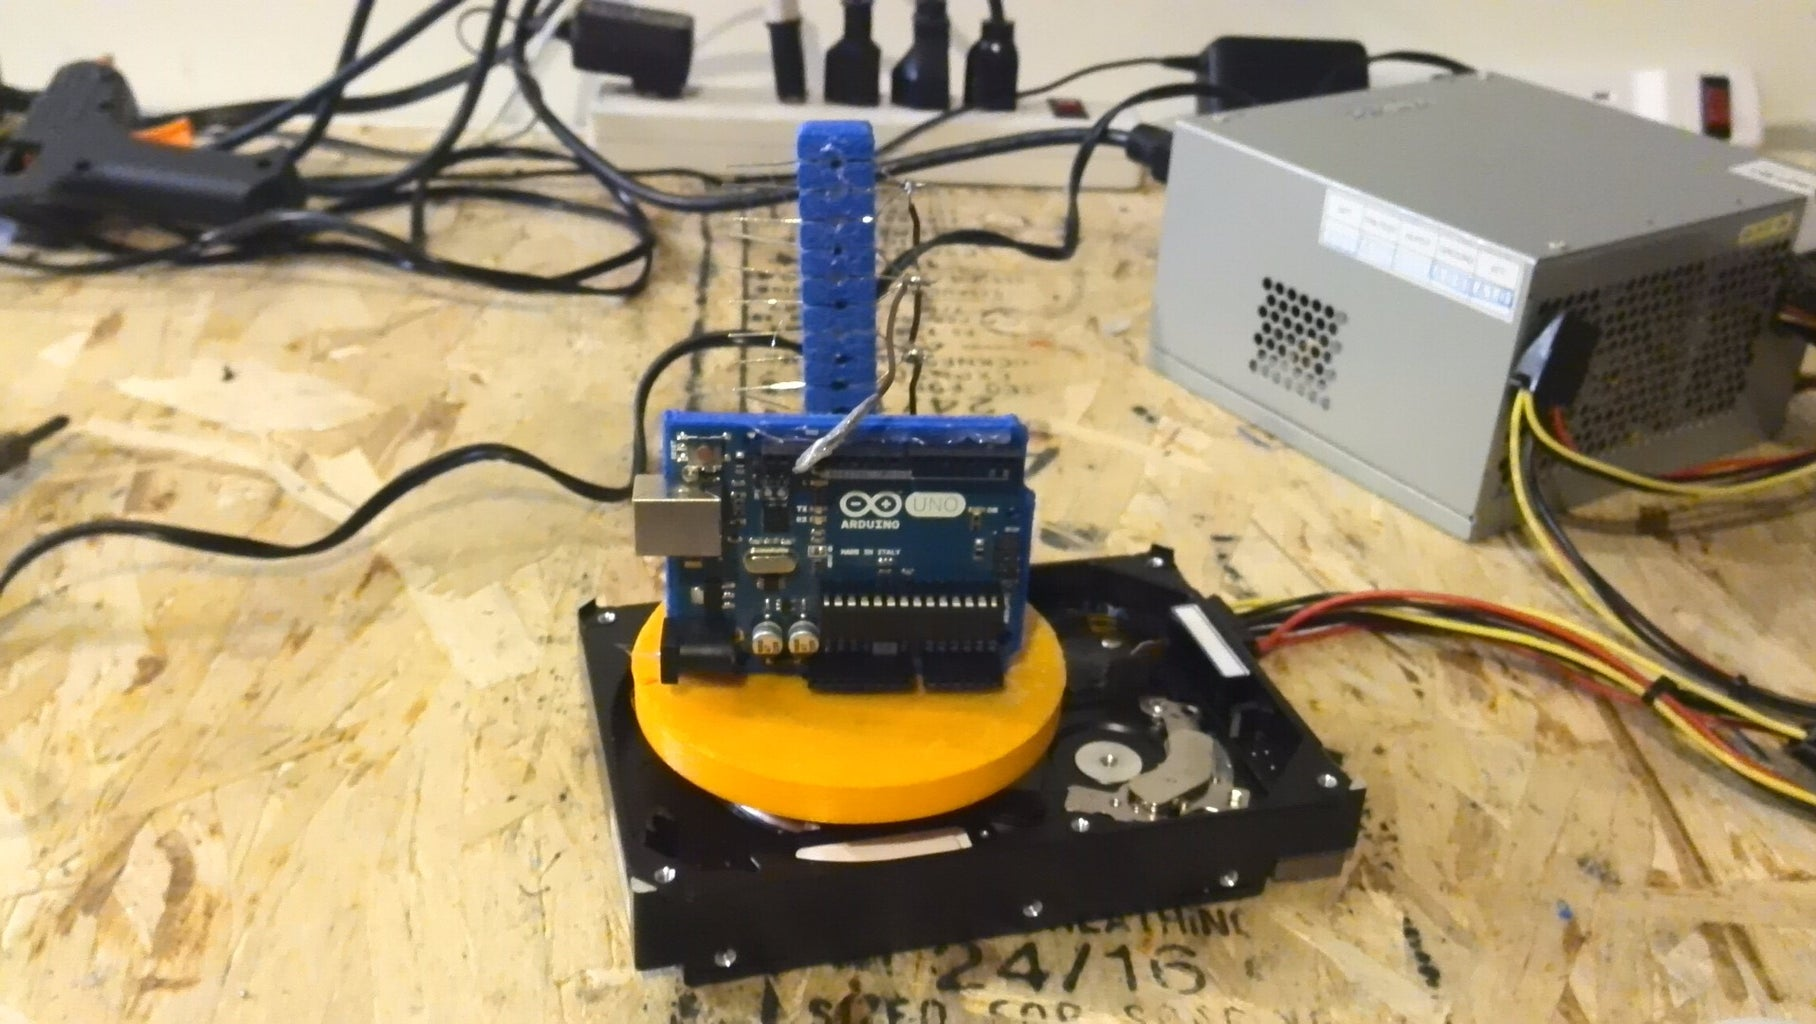 Mount 9V Battery Pack Holder and Arduino Holder